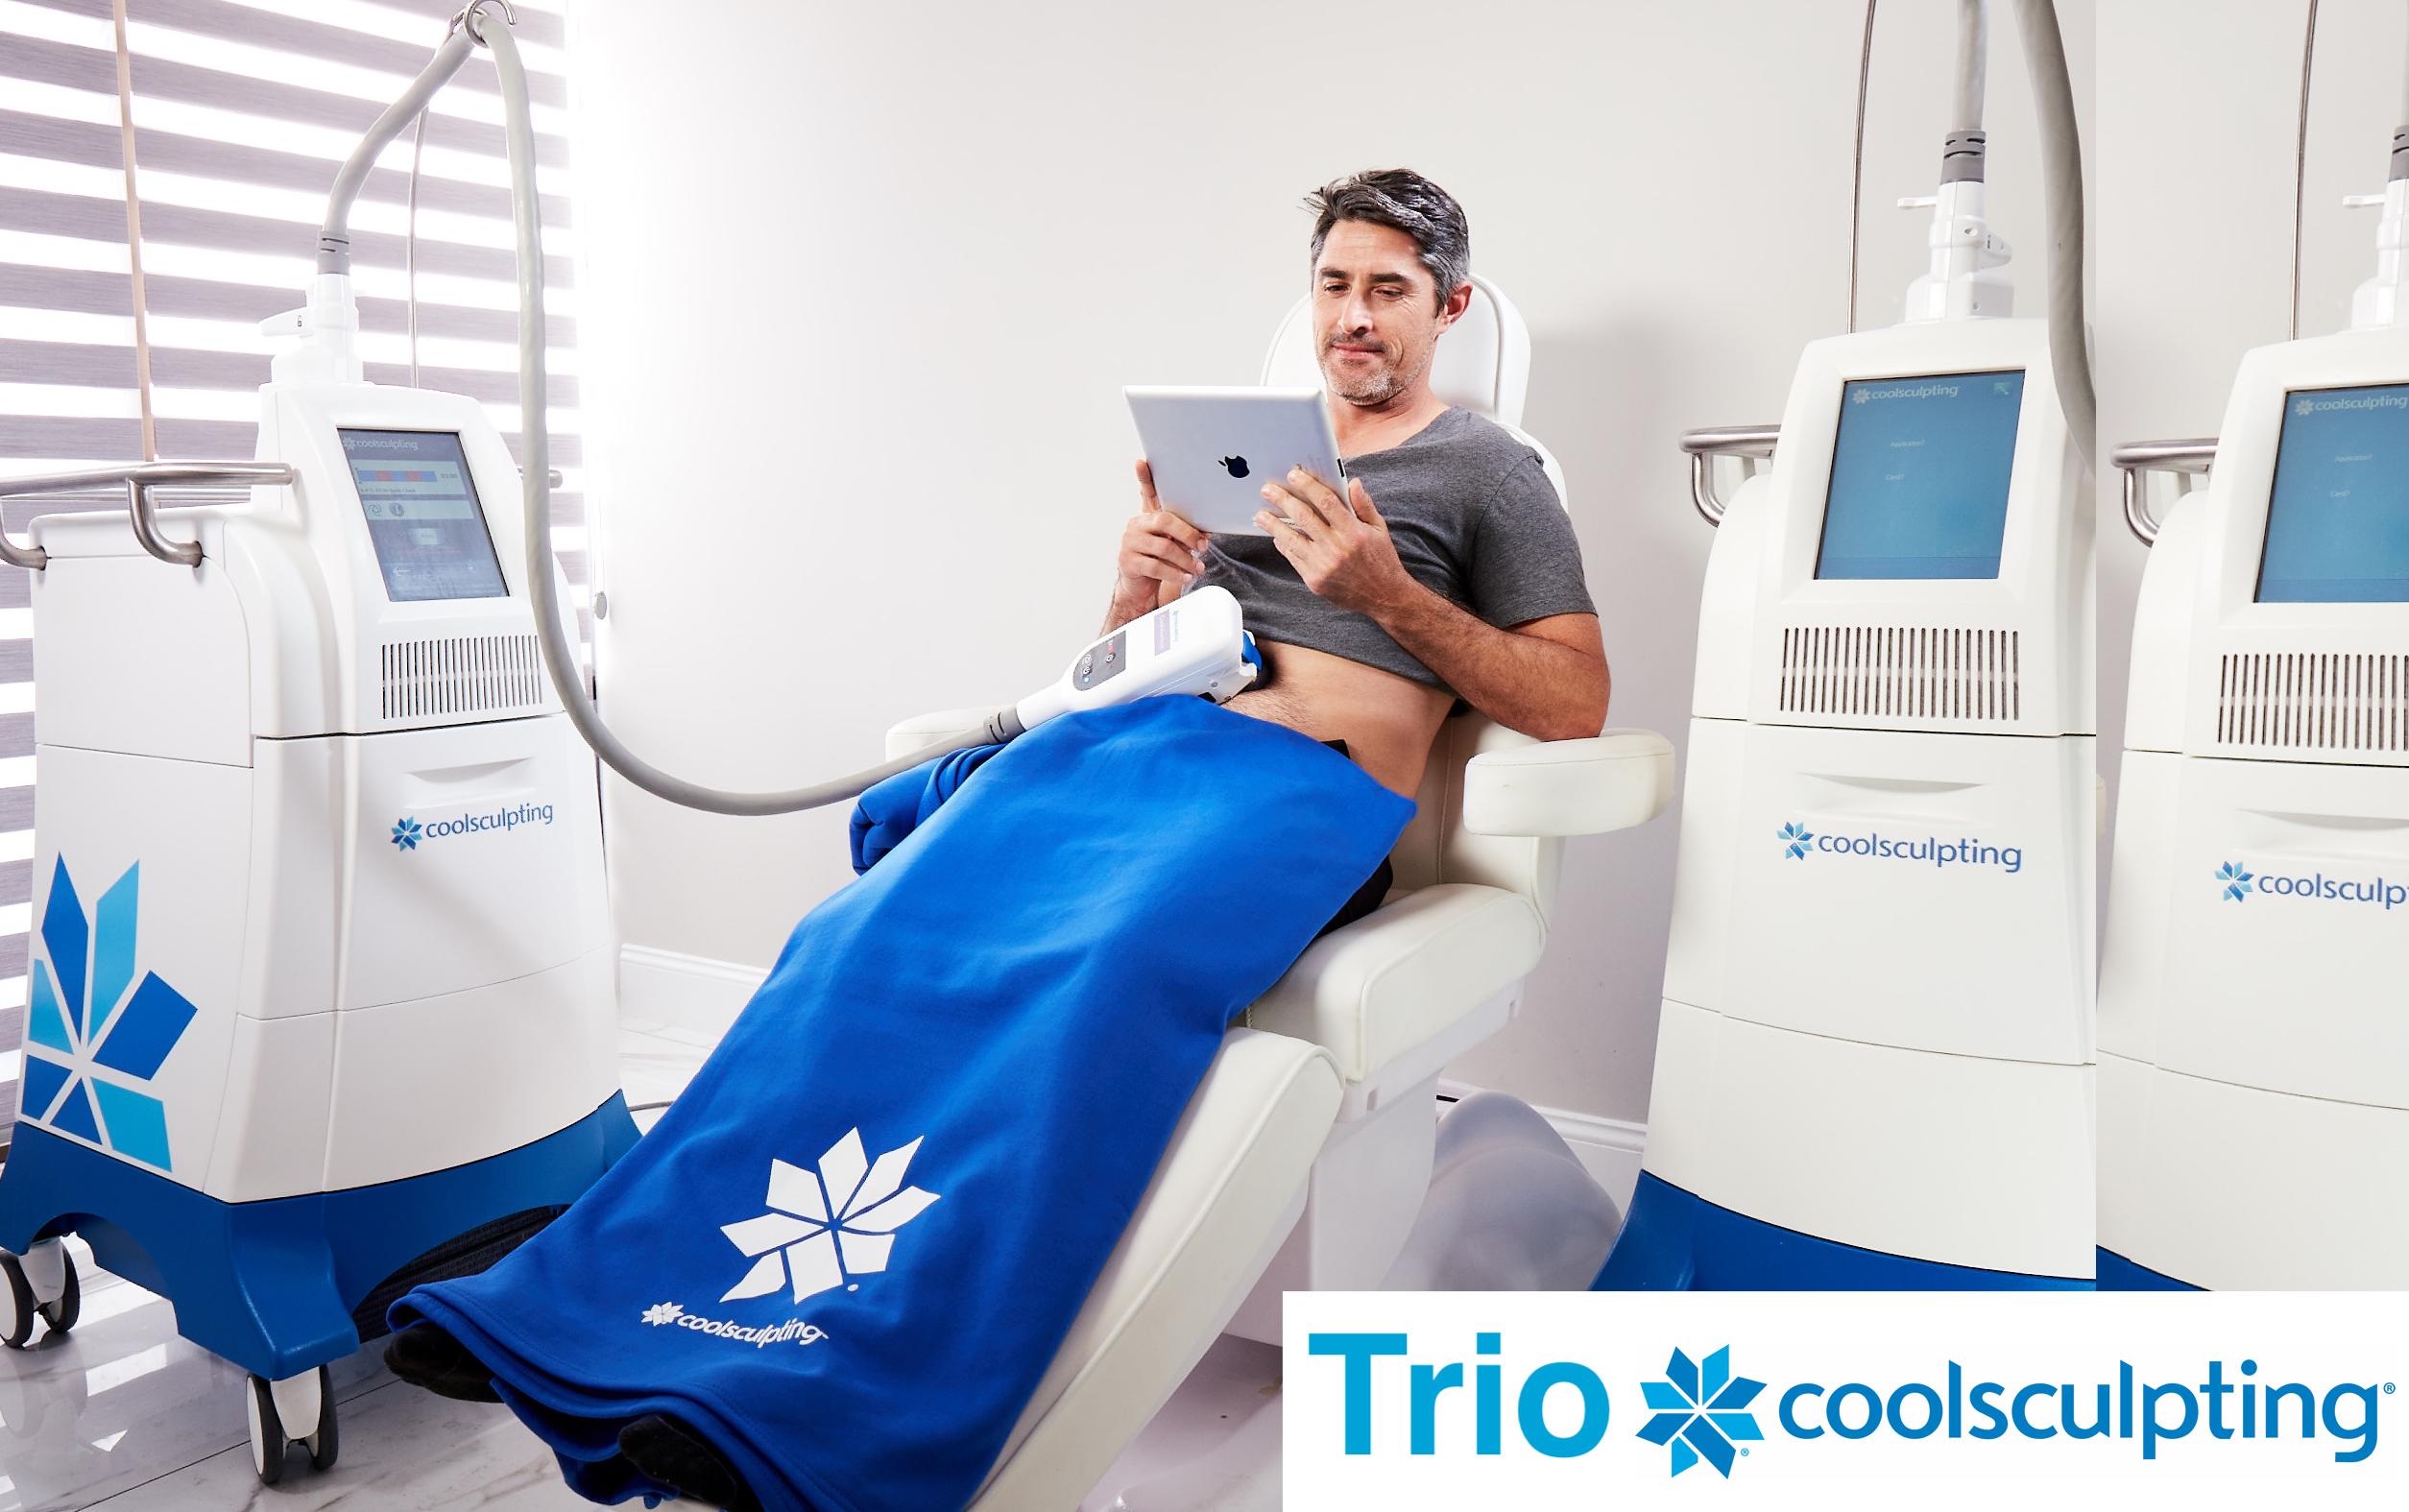 CoolSculpting Las Vegas Clinic Introduces Trio Coolsculpting